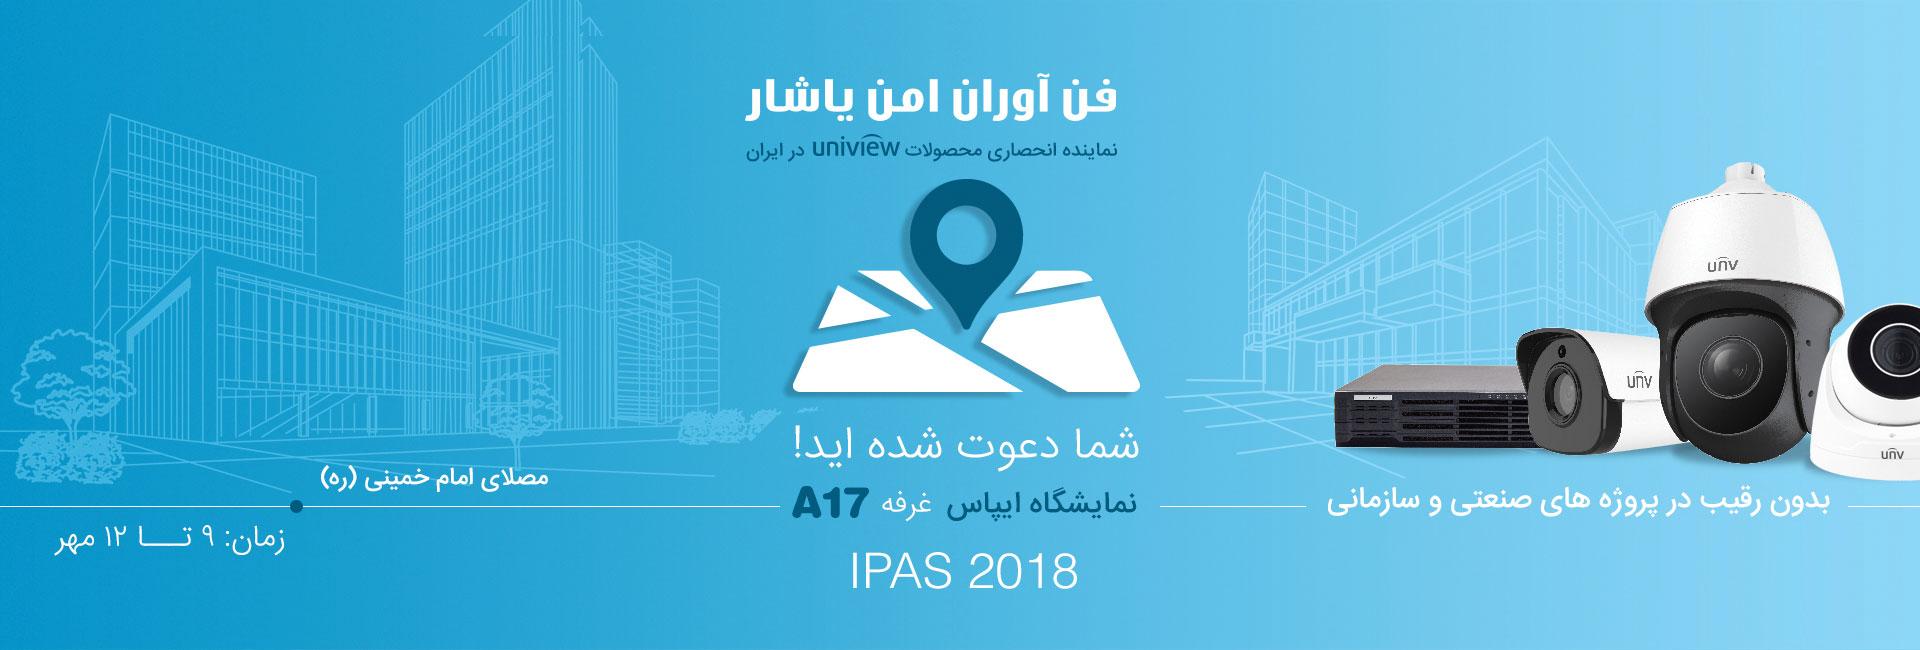 نمایشگاه بین المللی ایپاس 2018